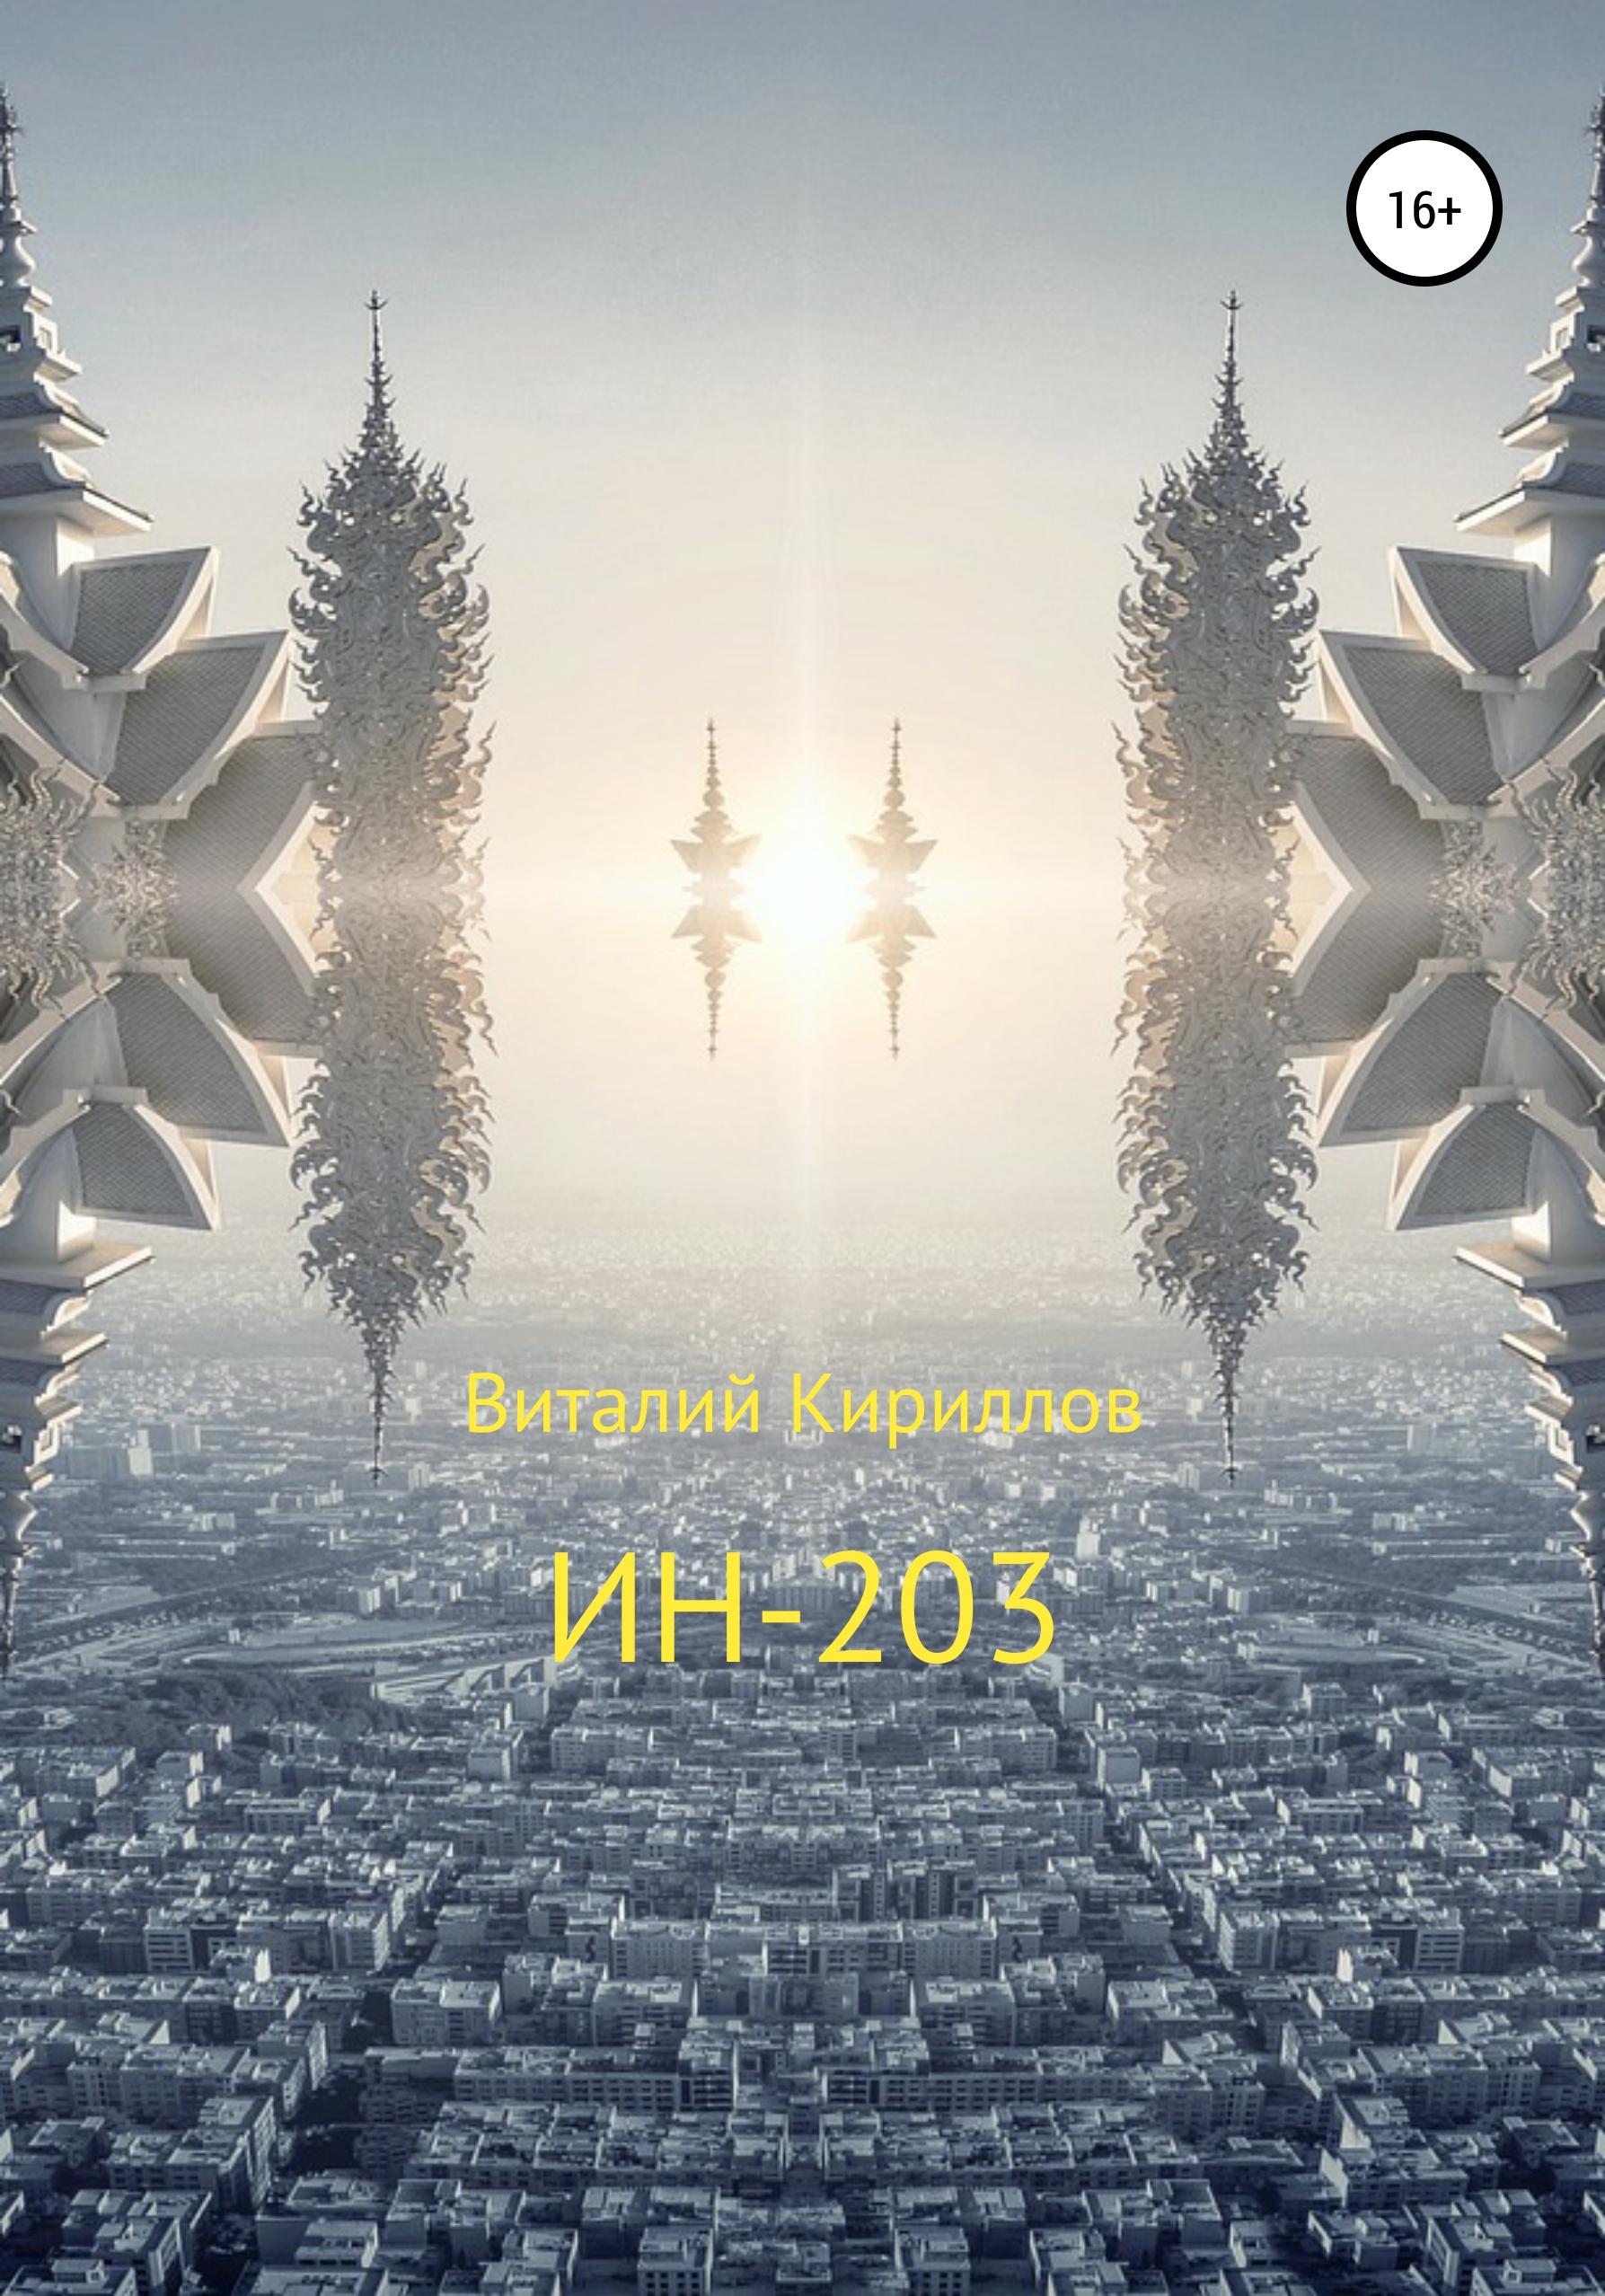 ИН-203